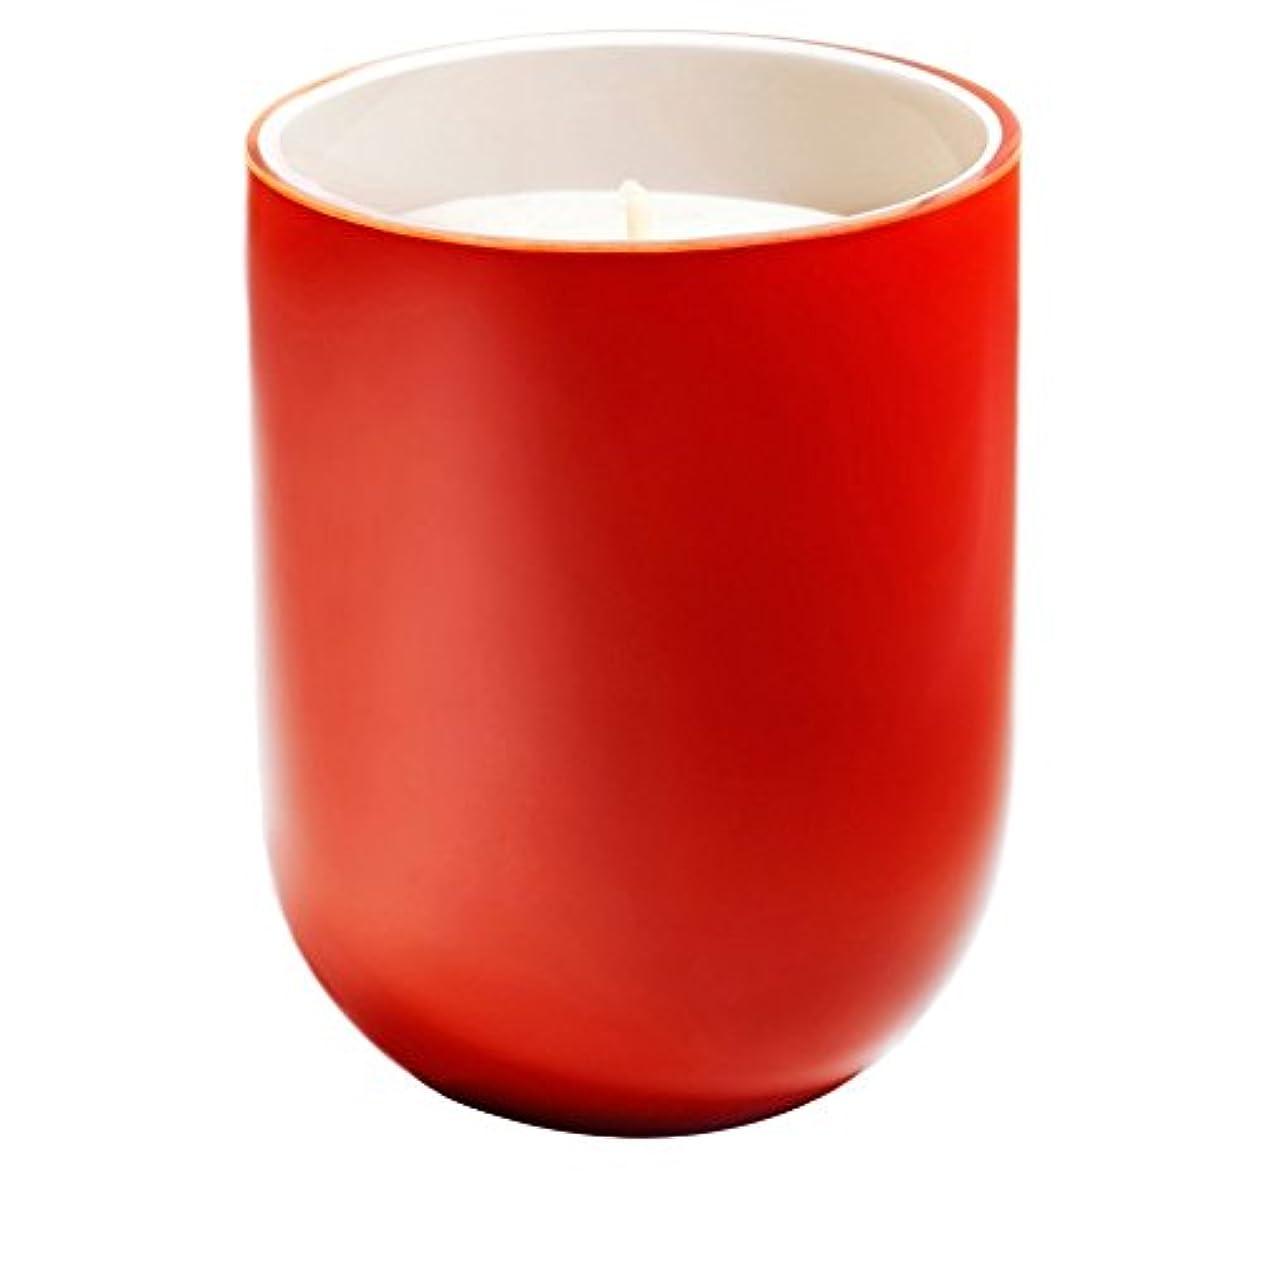 太字ショートカットコンパスフレデリック?マルプルミエ舞香りのキャンドル x6 - Frederic Malle 1er Mai Scented Candle (Pack of 6) [並行輸入品]